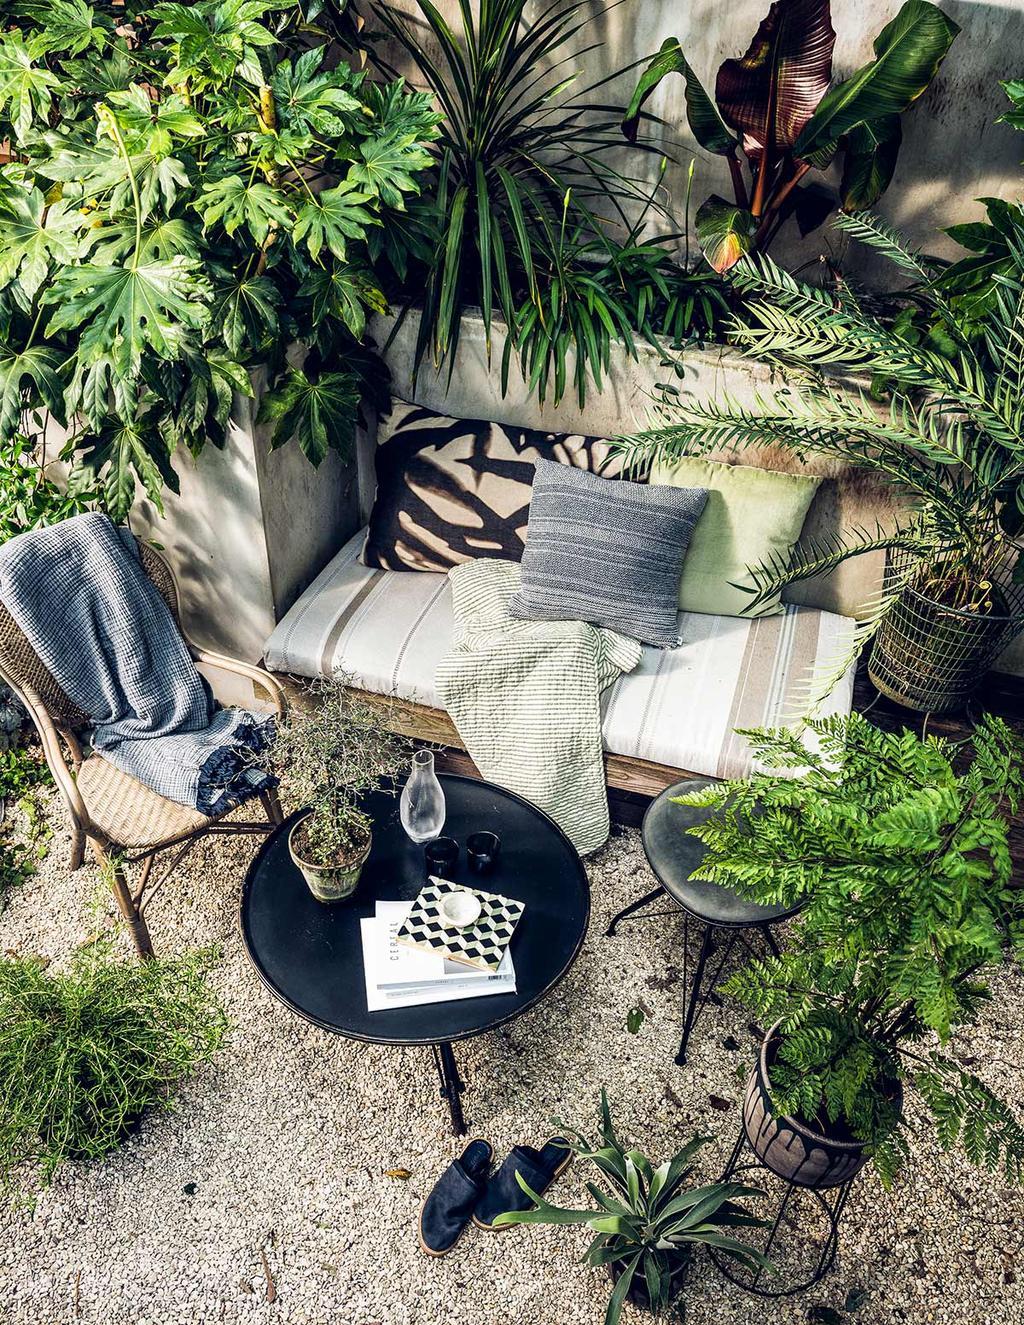 Buitenoase met loungebank in de tuin-weelderig-groen met weelderig groen